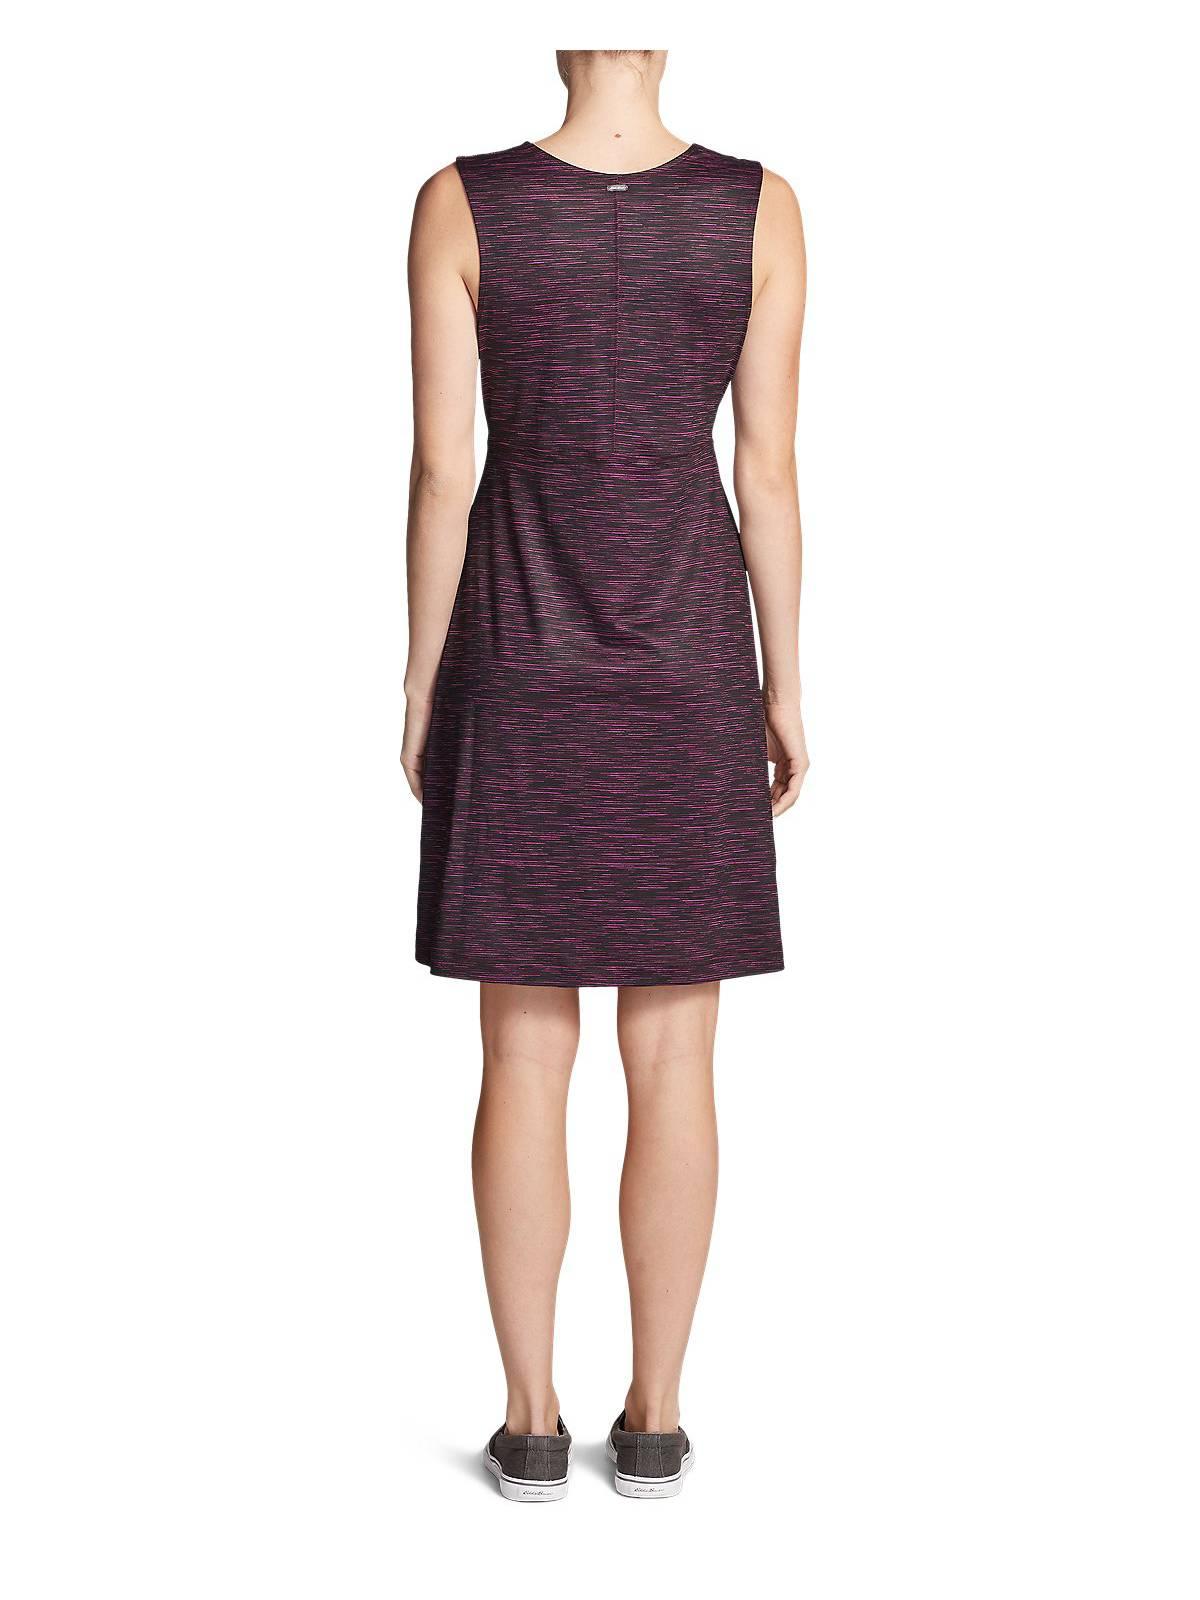 Dye The Women's Eddie Knot Tie Bauer Dress Space Ebay Aster